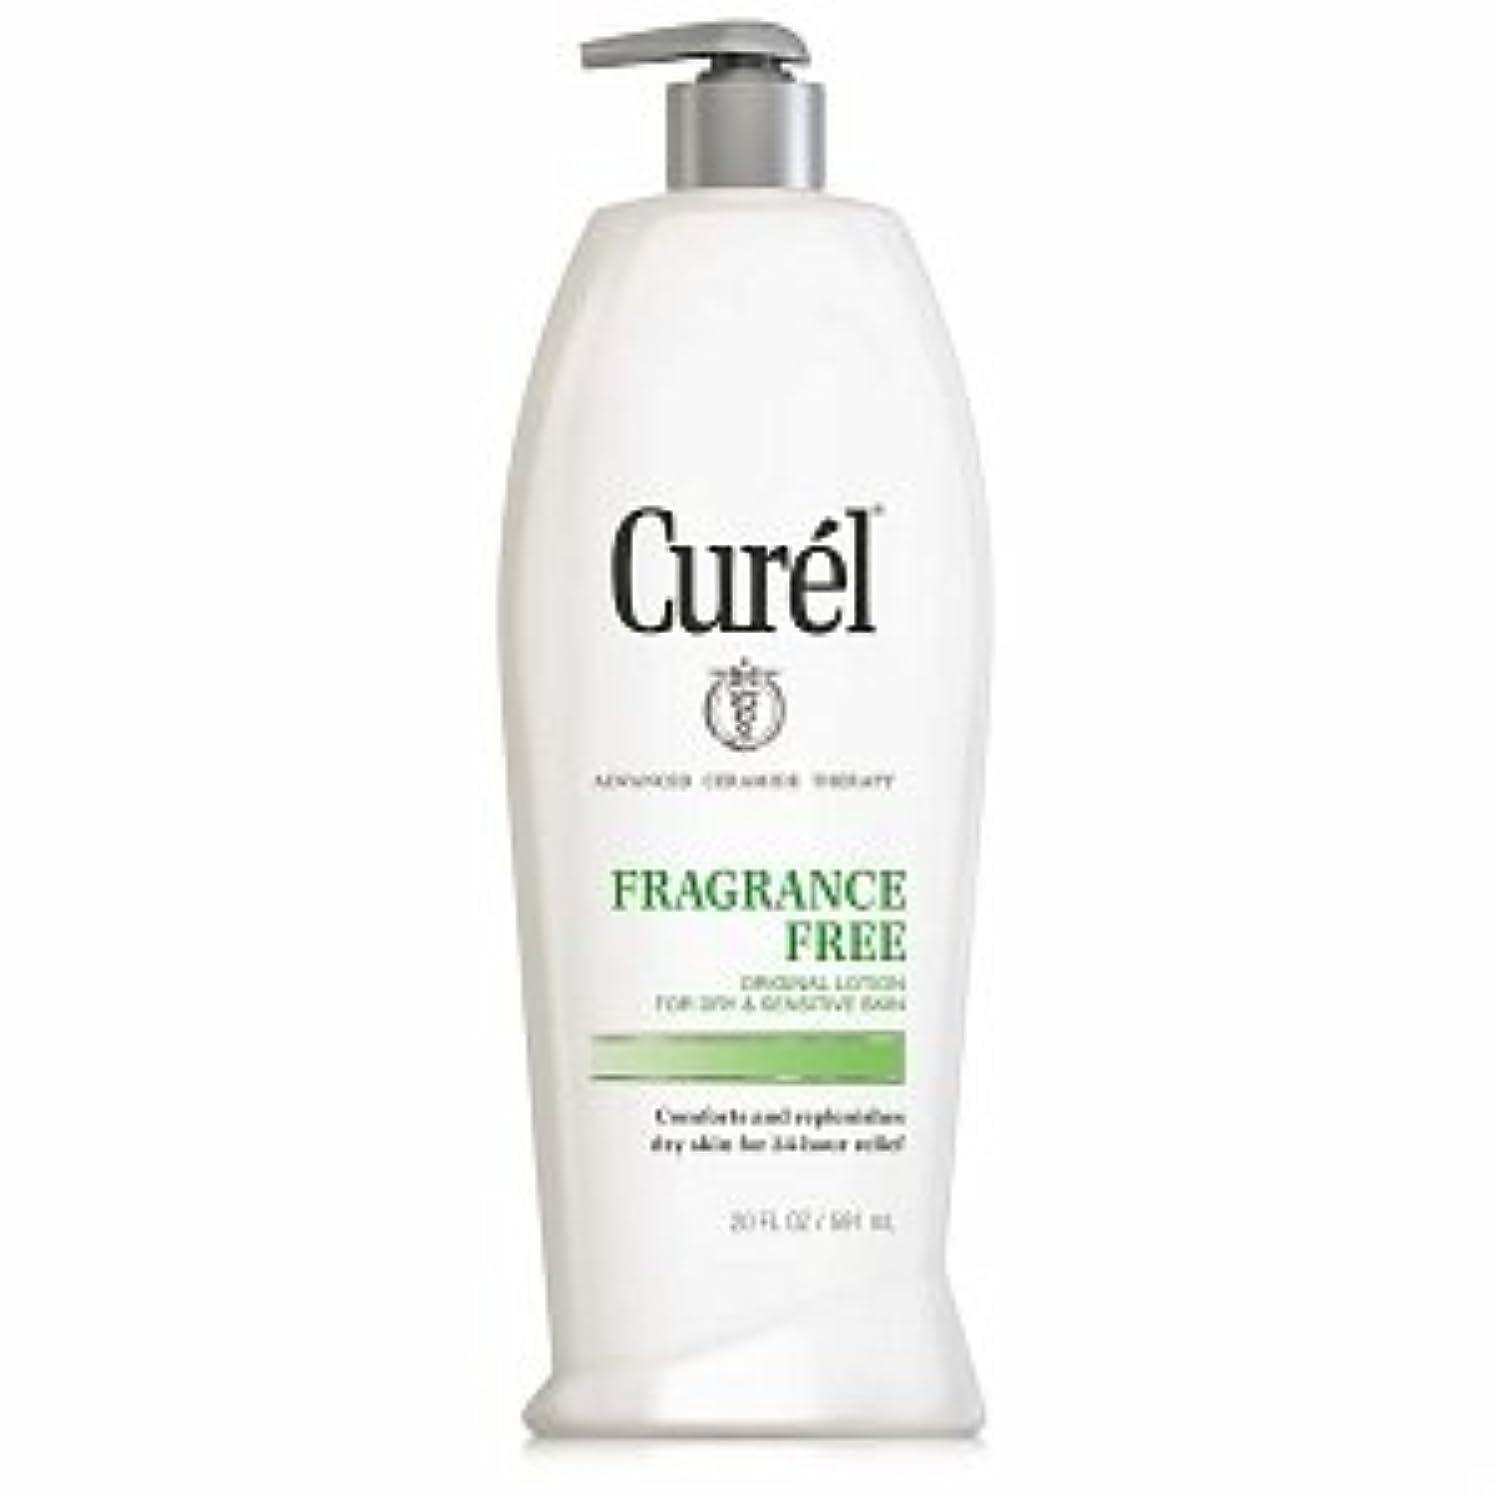 椅子スモッグつぼみCurel Fragrance Free Original Lotion For Dry&Sensitive Skin - 13 fl oz ポンプ式